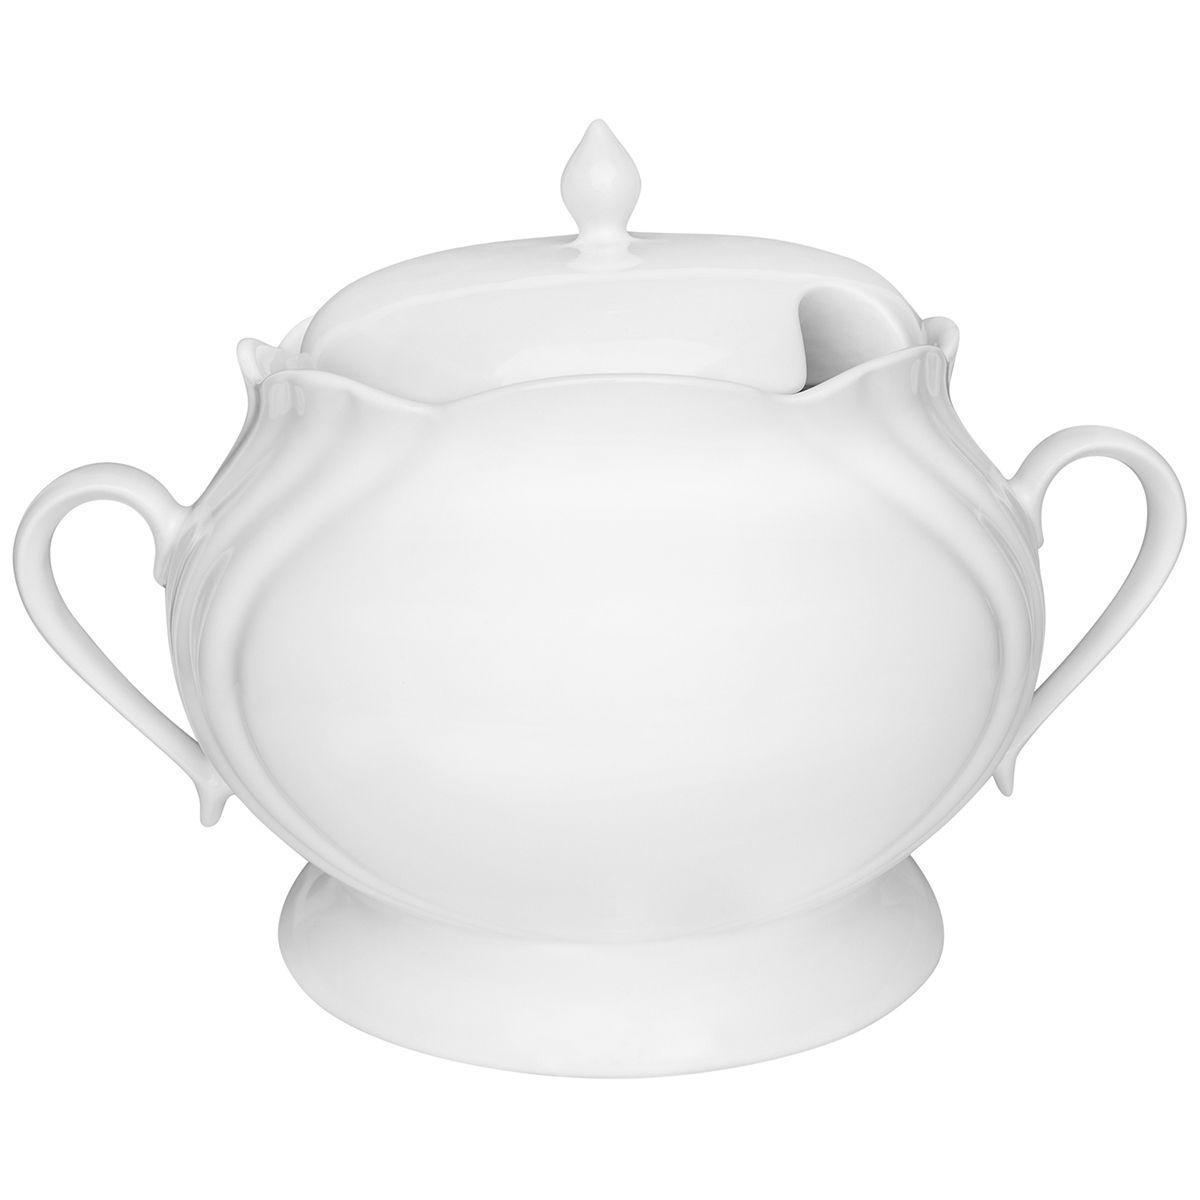 Sopeira Porcelana Com Tampa 4 Litros - Oxford